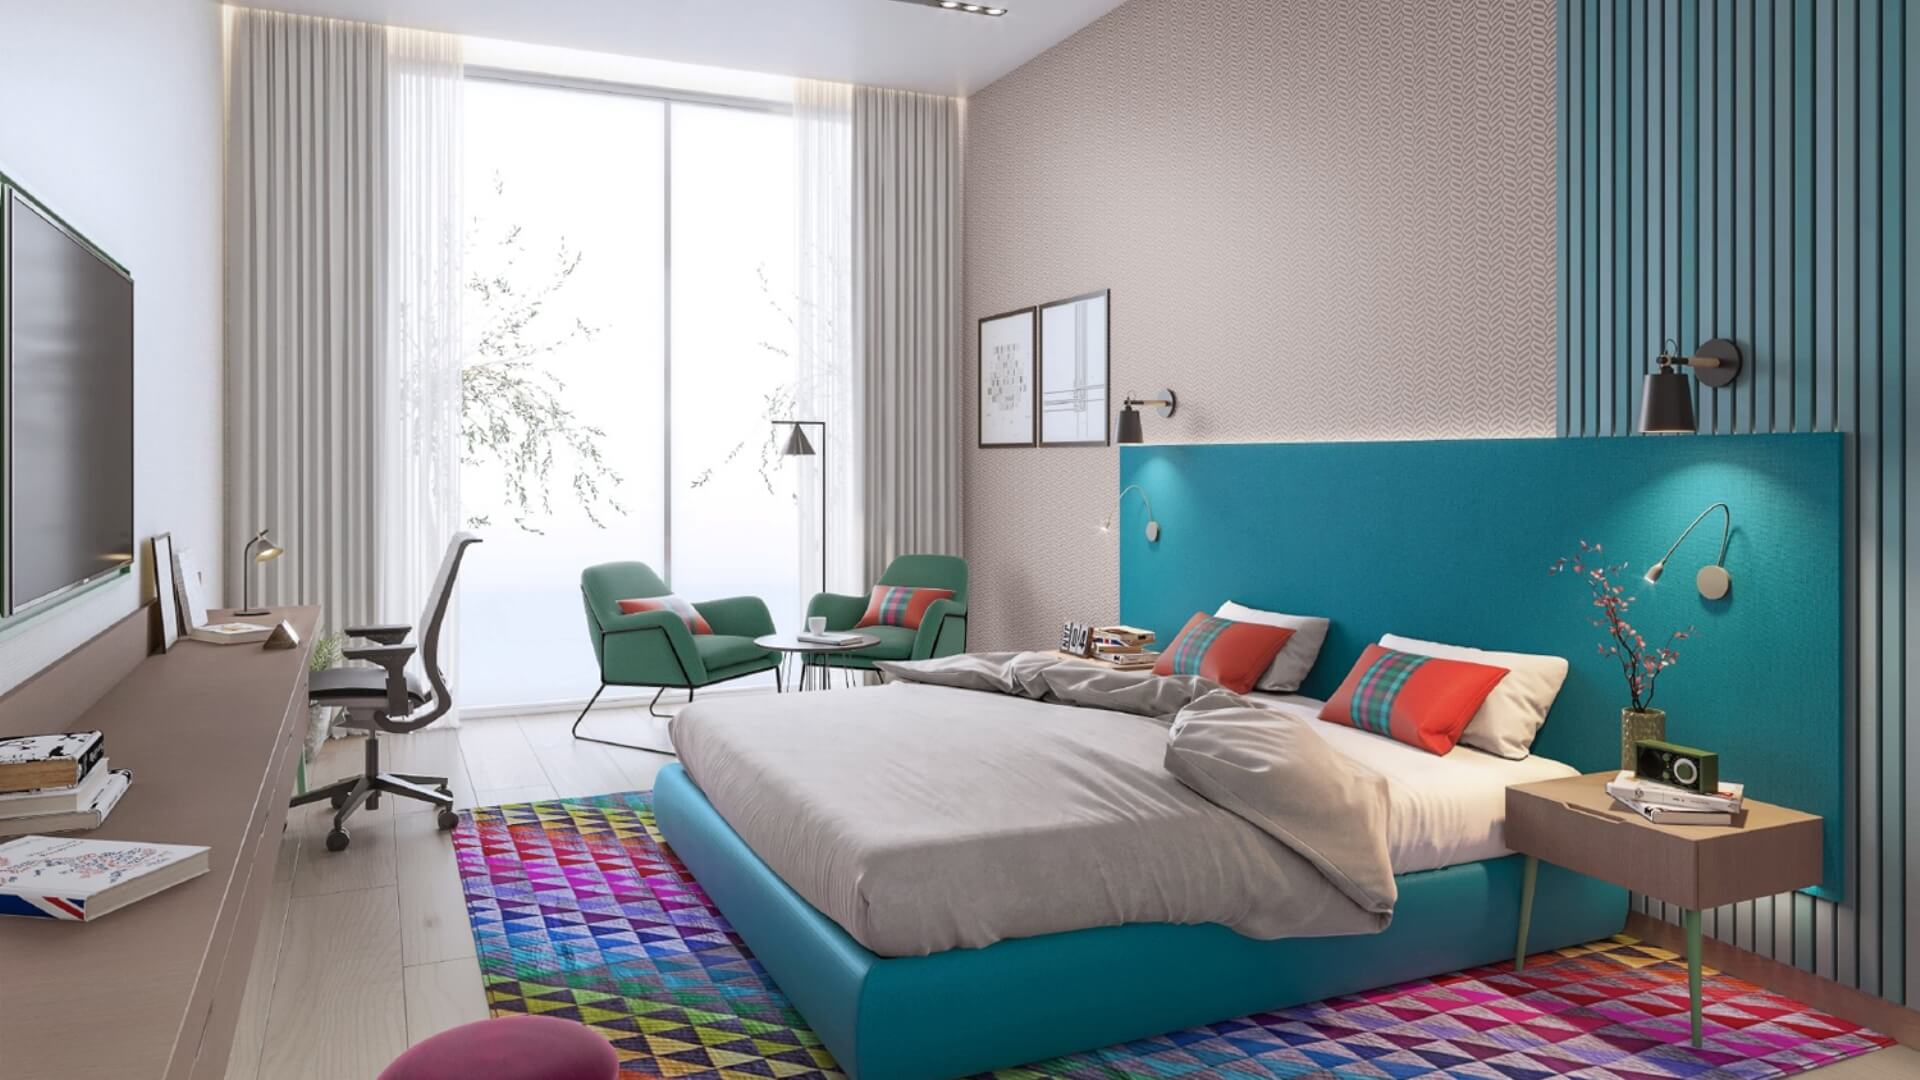 Villa en venta en Dubai, EAU, 2 dormitorios, 165 m2, № 24322 – foto 1